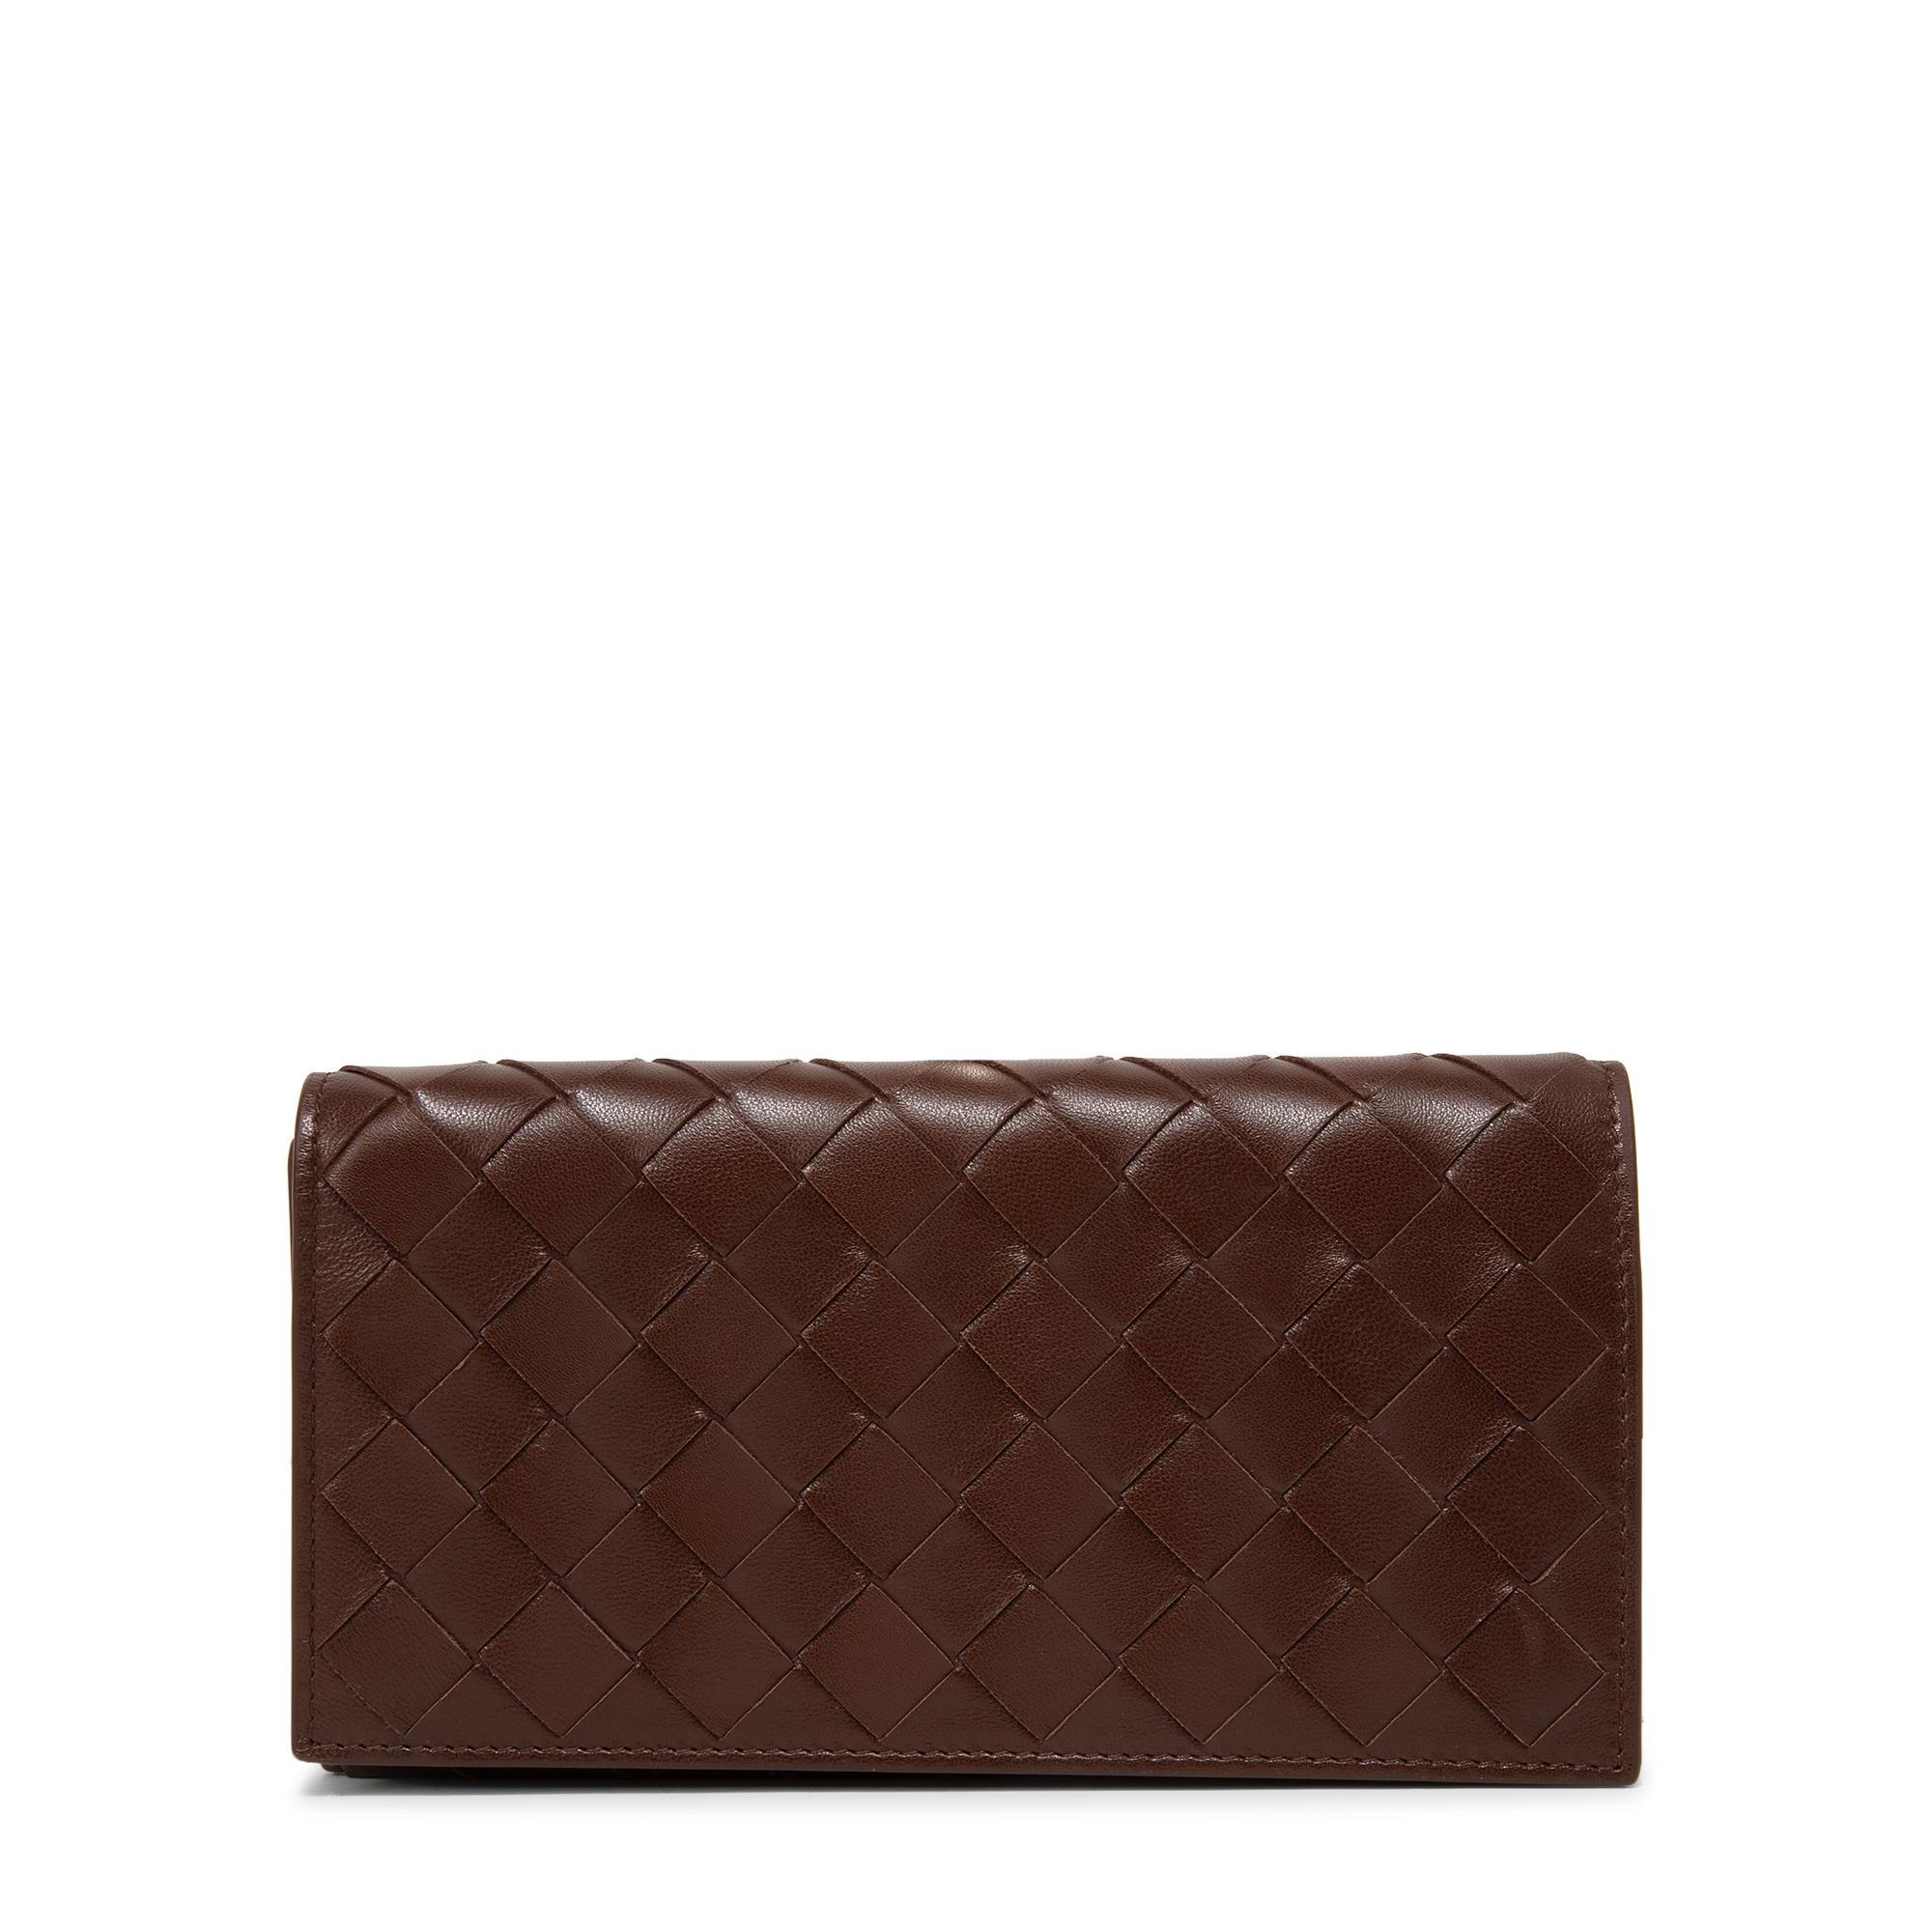 محفظة كونتينينتال بتصميم متداخل